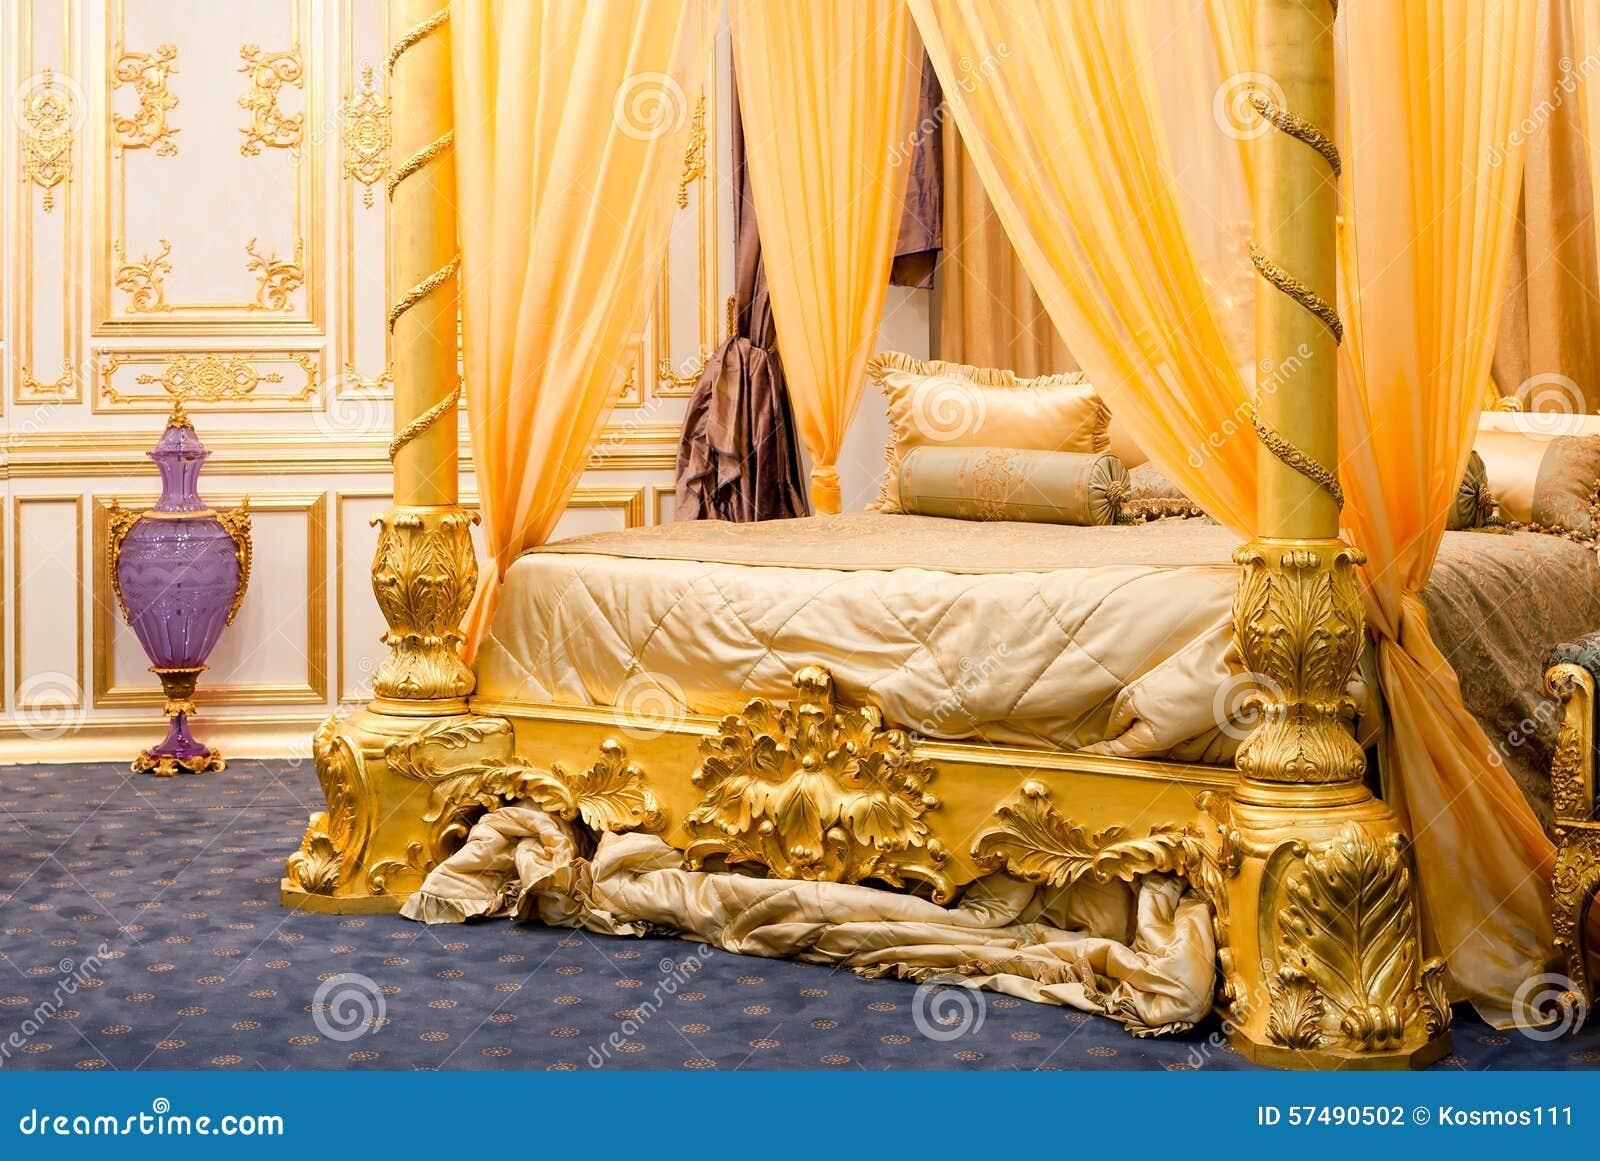 Camera da letto lussuosa con letto a baldacchino fotografia stock immagine di lusso - Camera da letto baldacchino ...